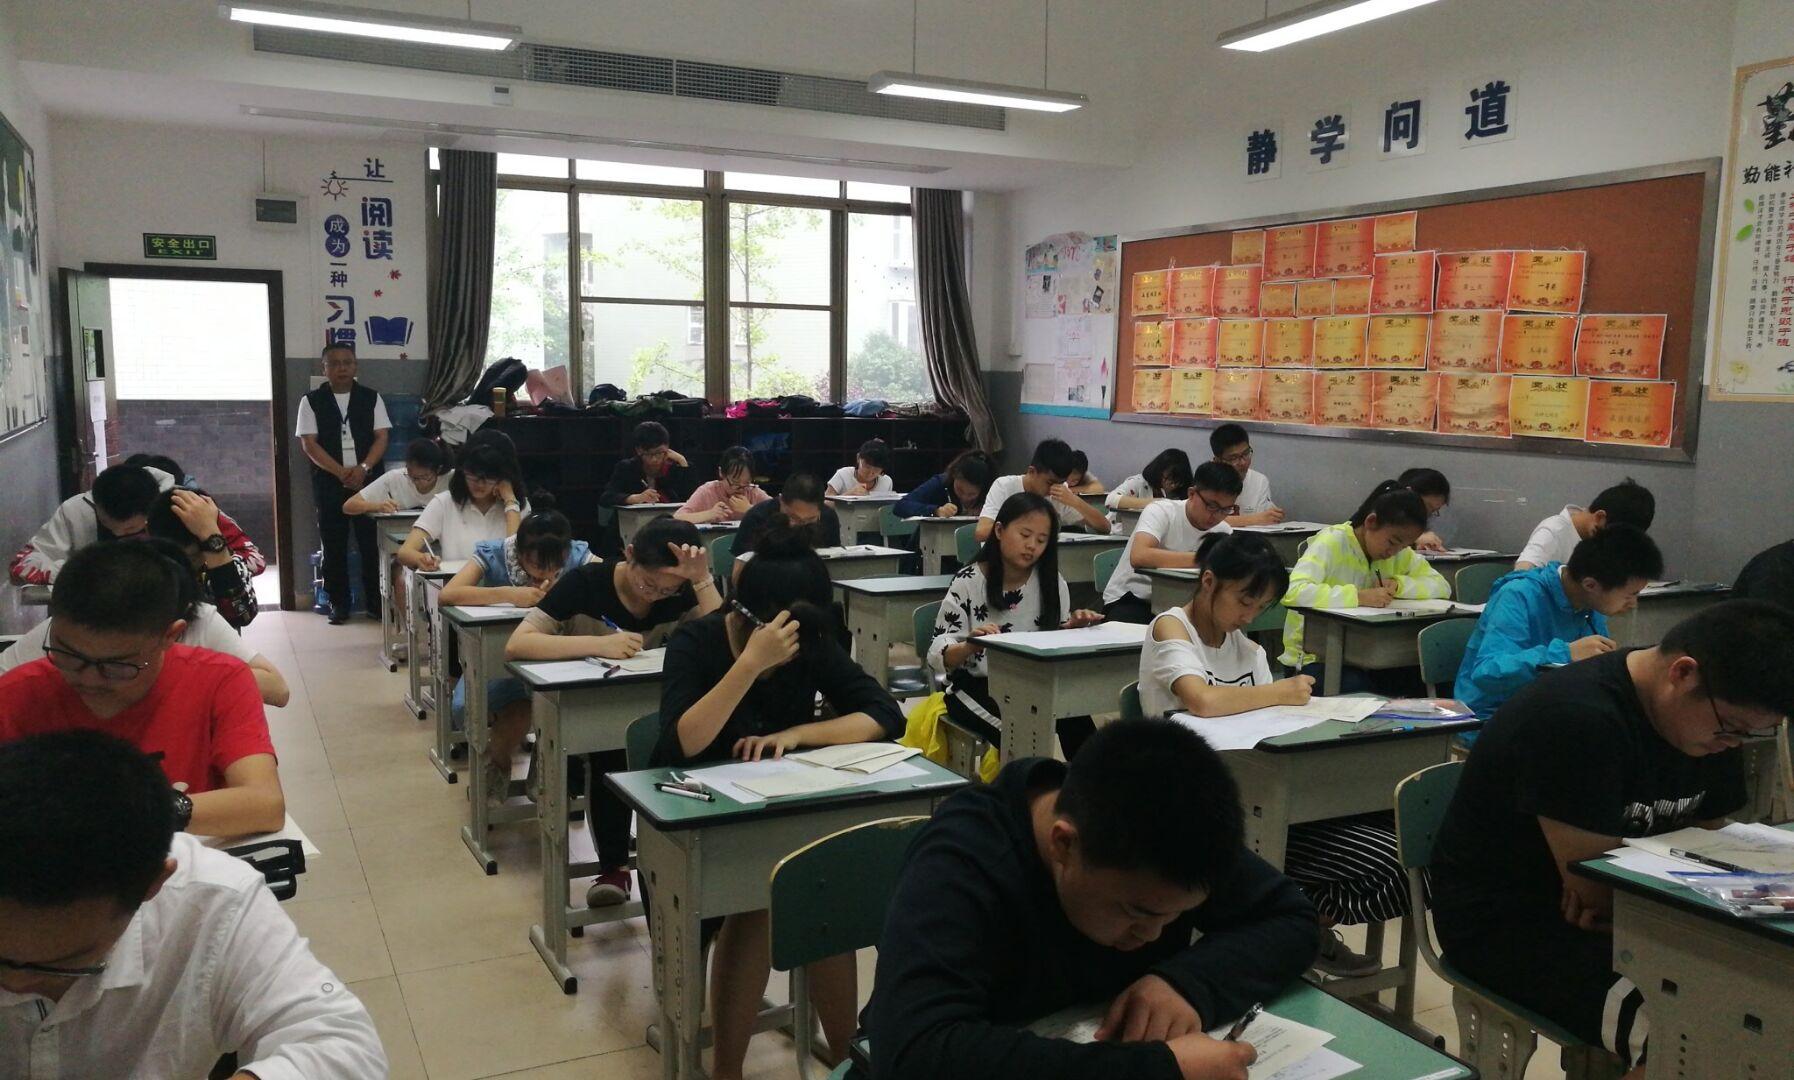 师大一中2018年高中自主招生考试成功举行